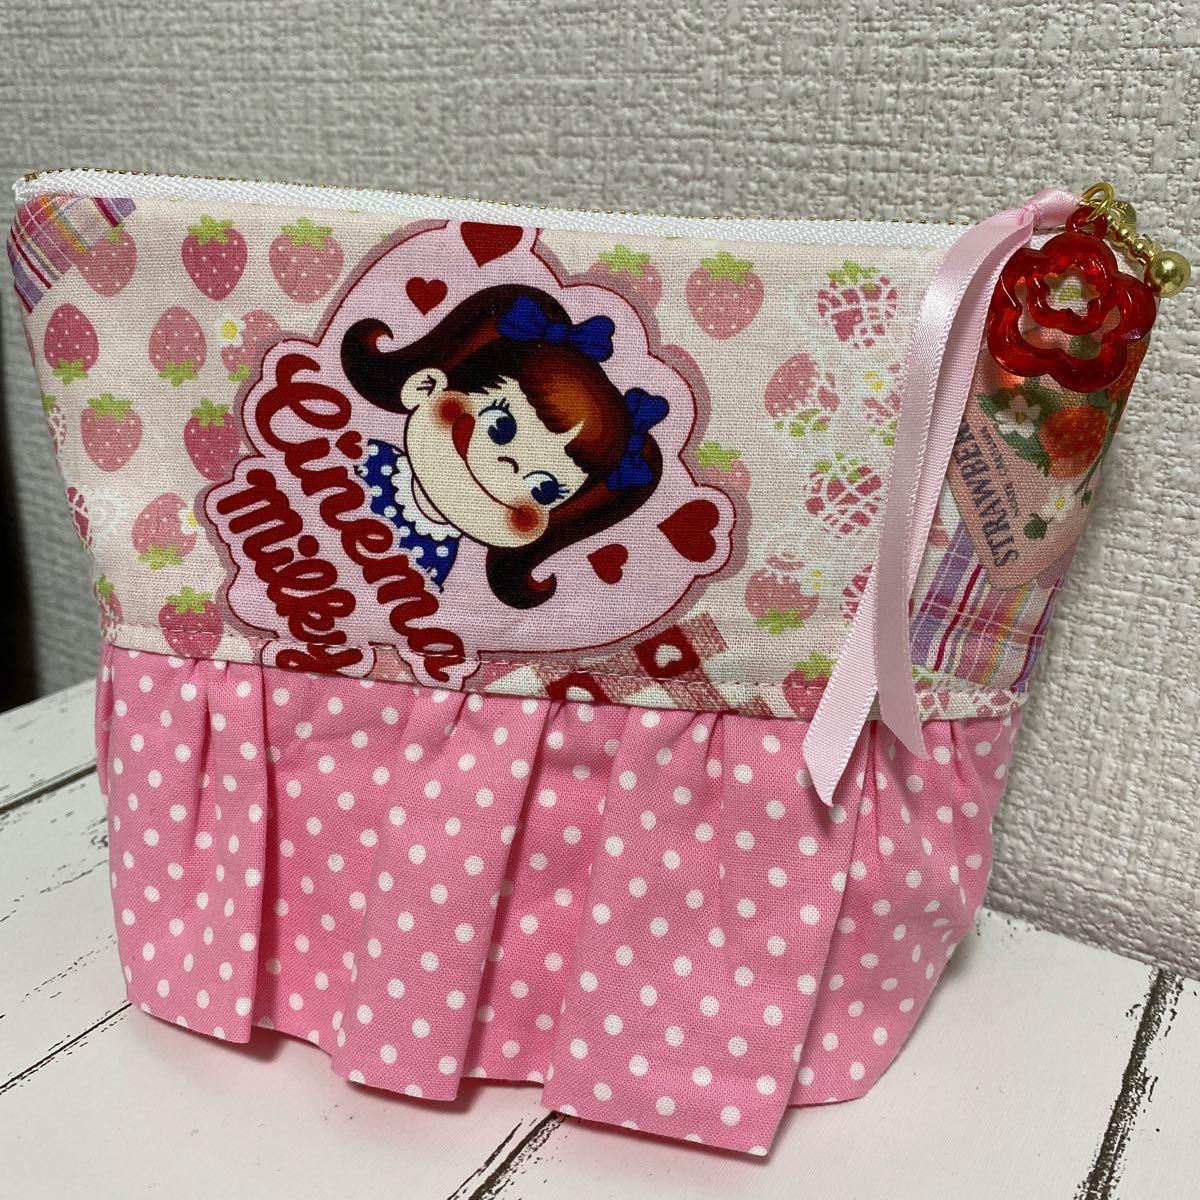 ハンドメイド ペコちゃん ポーチ コスメポーチ